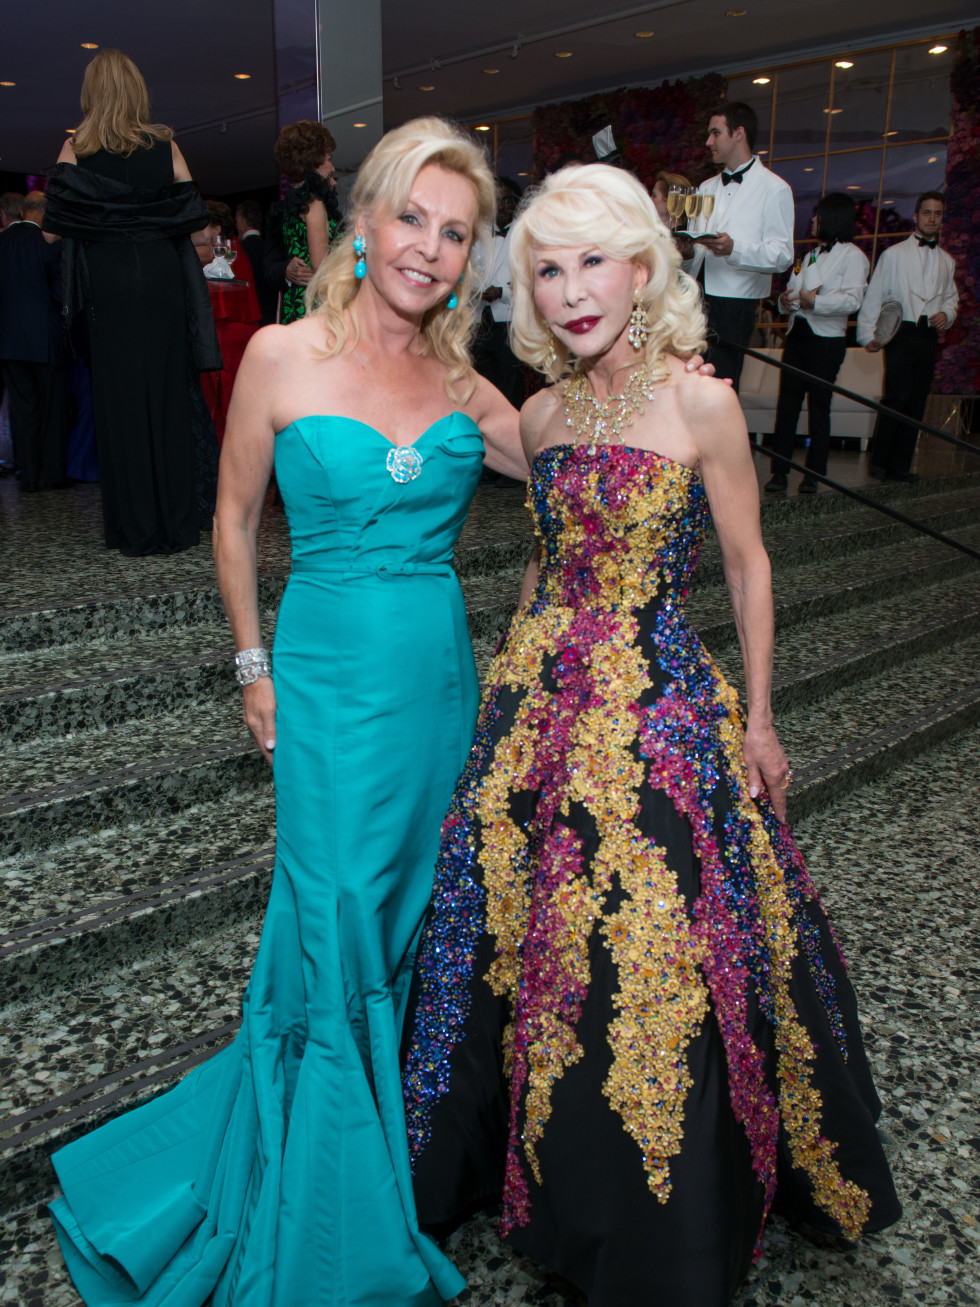 Houston, MFAH Oscar de la Renta Ball, Suzanne Byram, Diane Lokey Farb